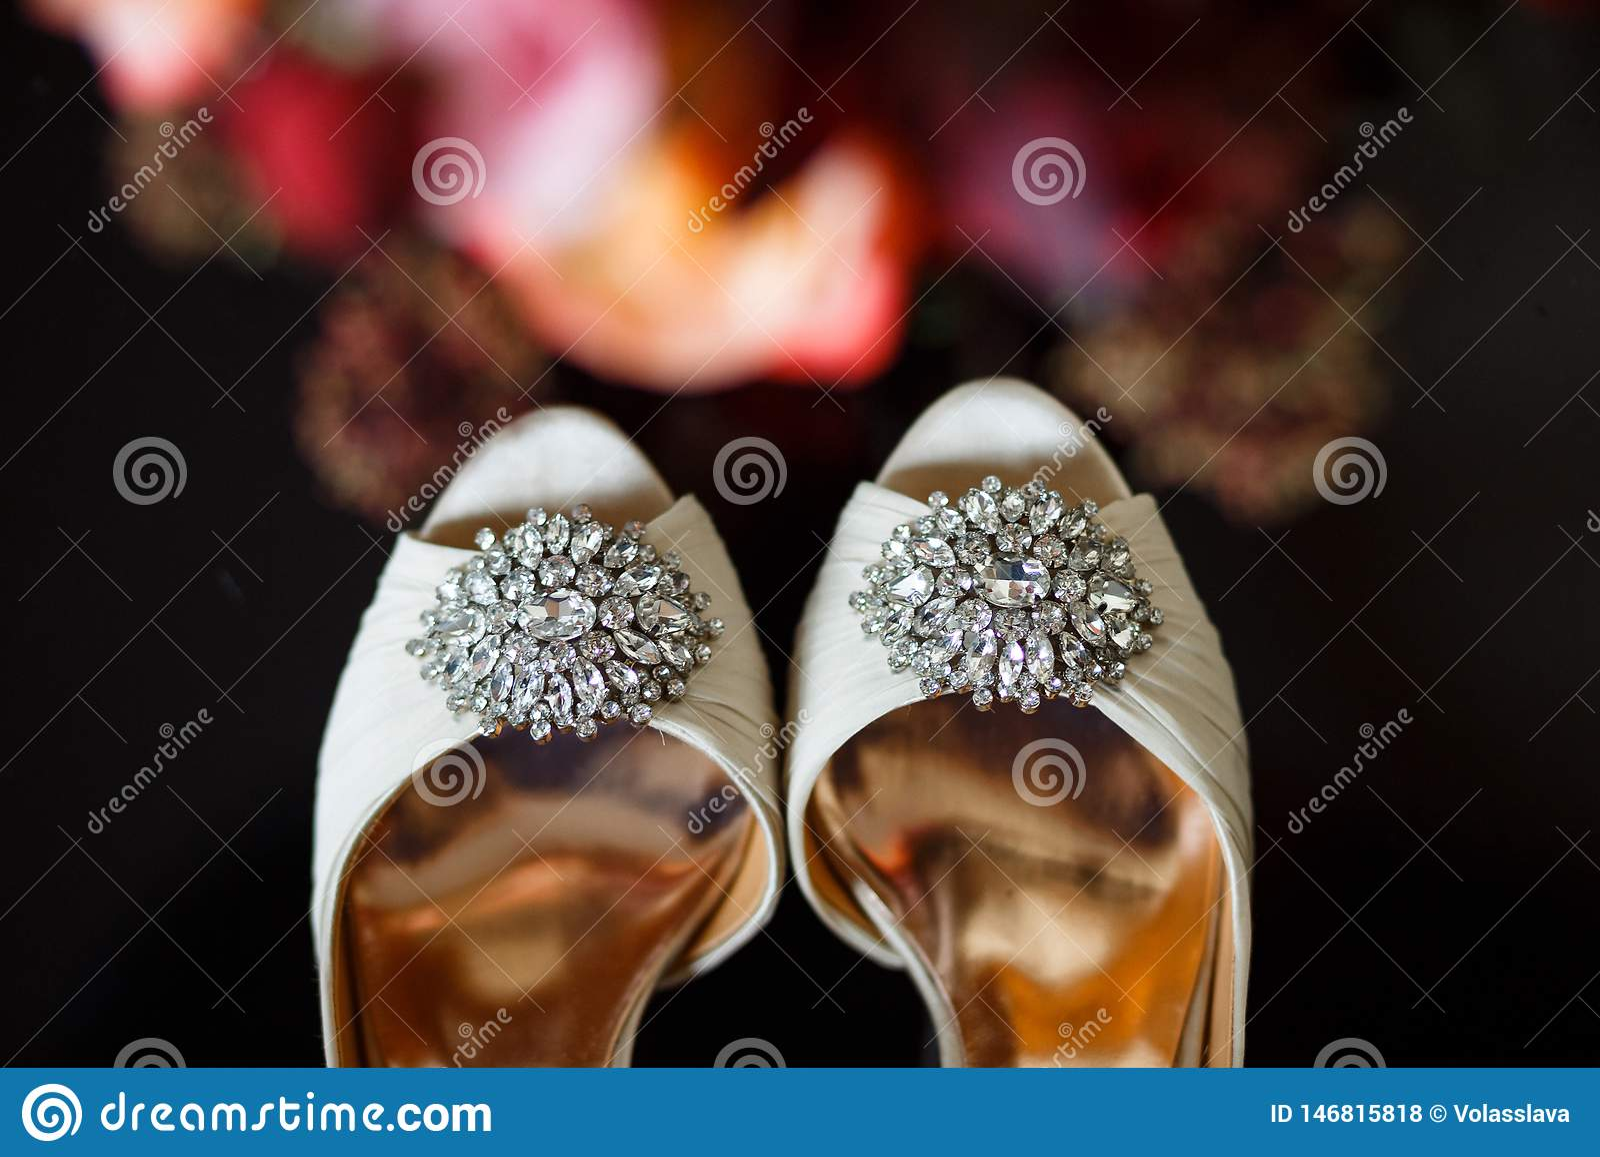 Gespen met kristallen op huwelijksschoenen